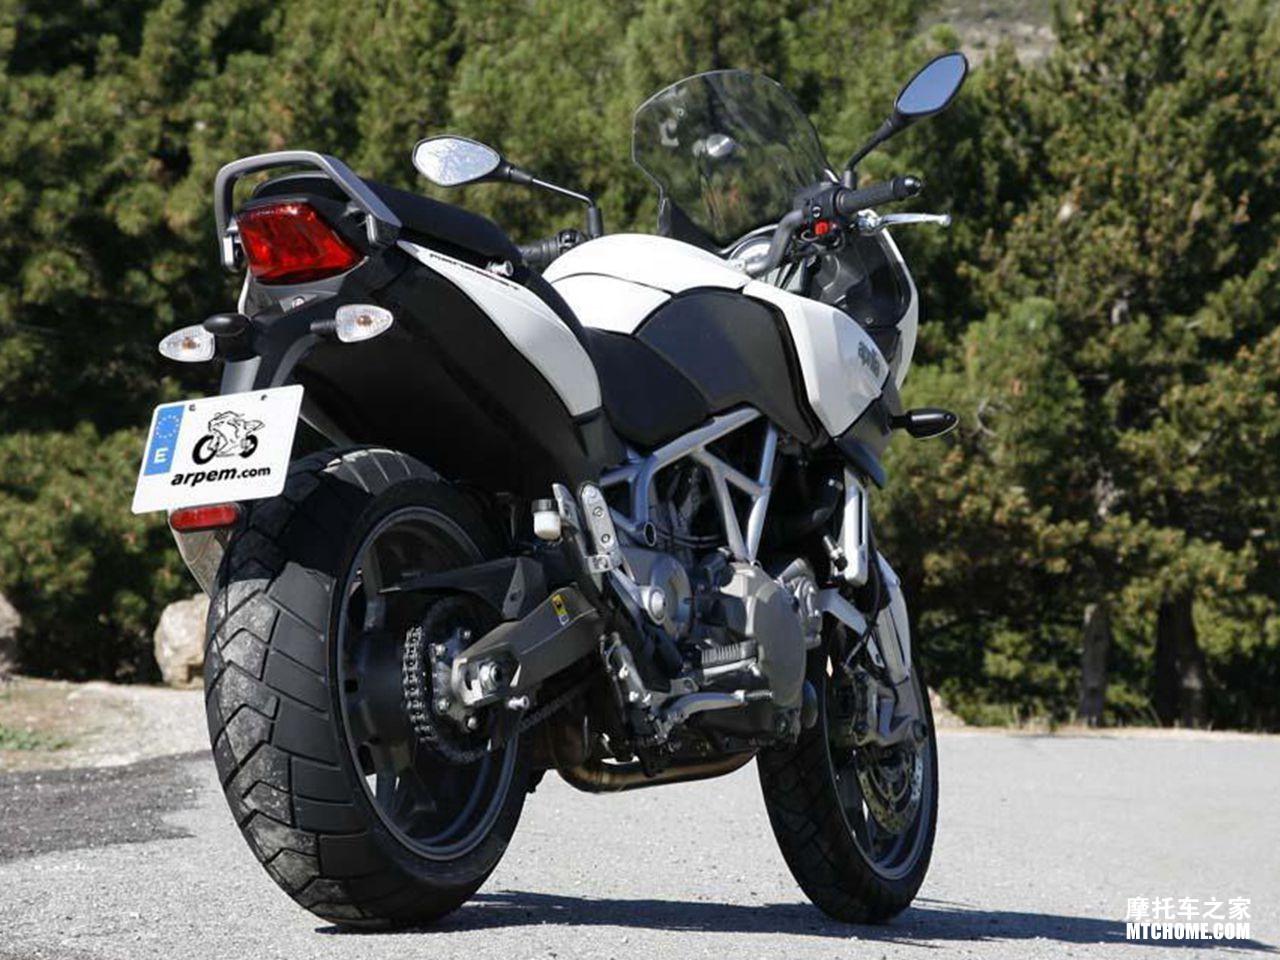 【阿普利亚aprilia Mana 850摩托车图片】 摩托车图片库 摩托车之家